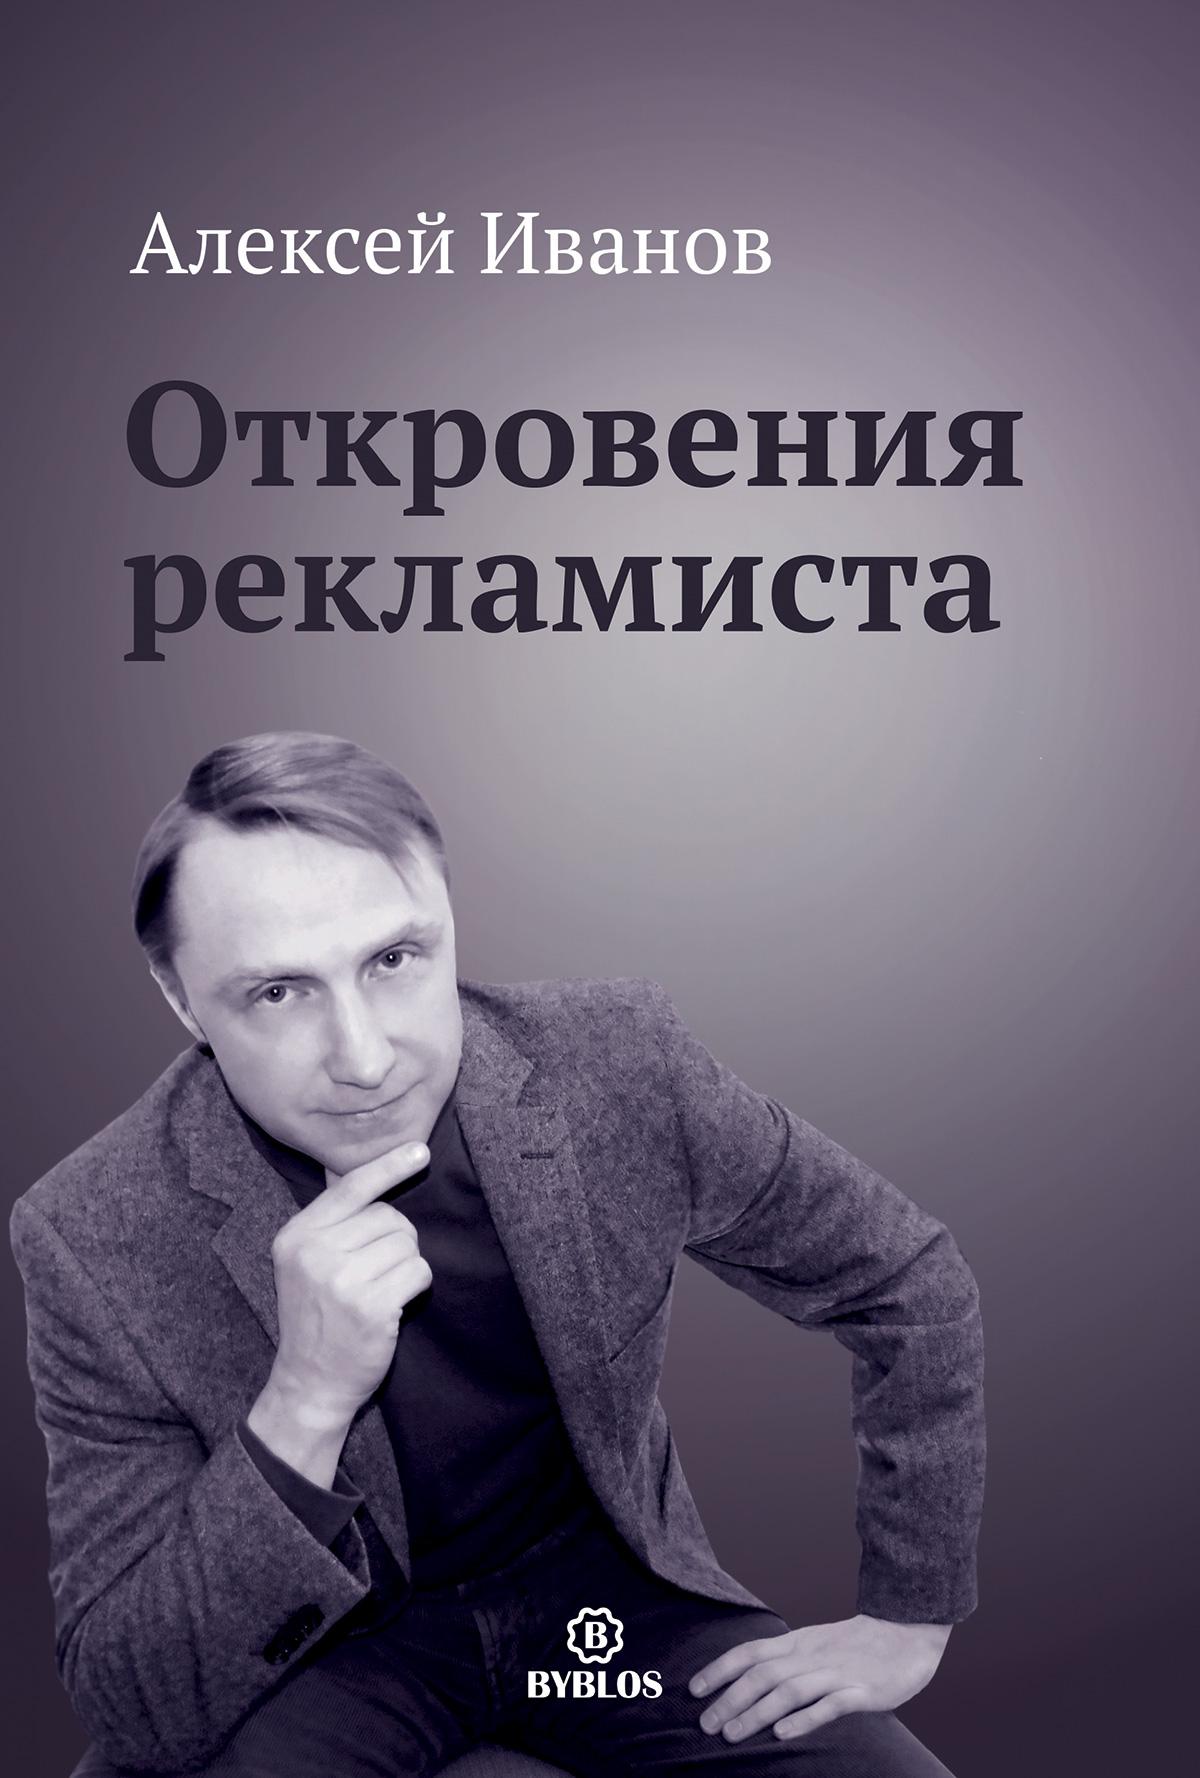 Алексей Иванов «Откровения рекламиста»